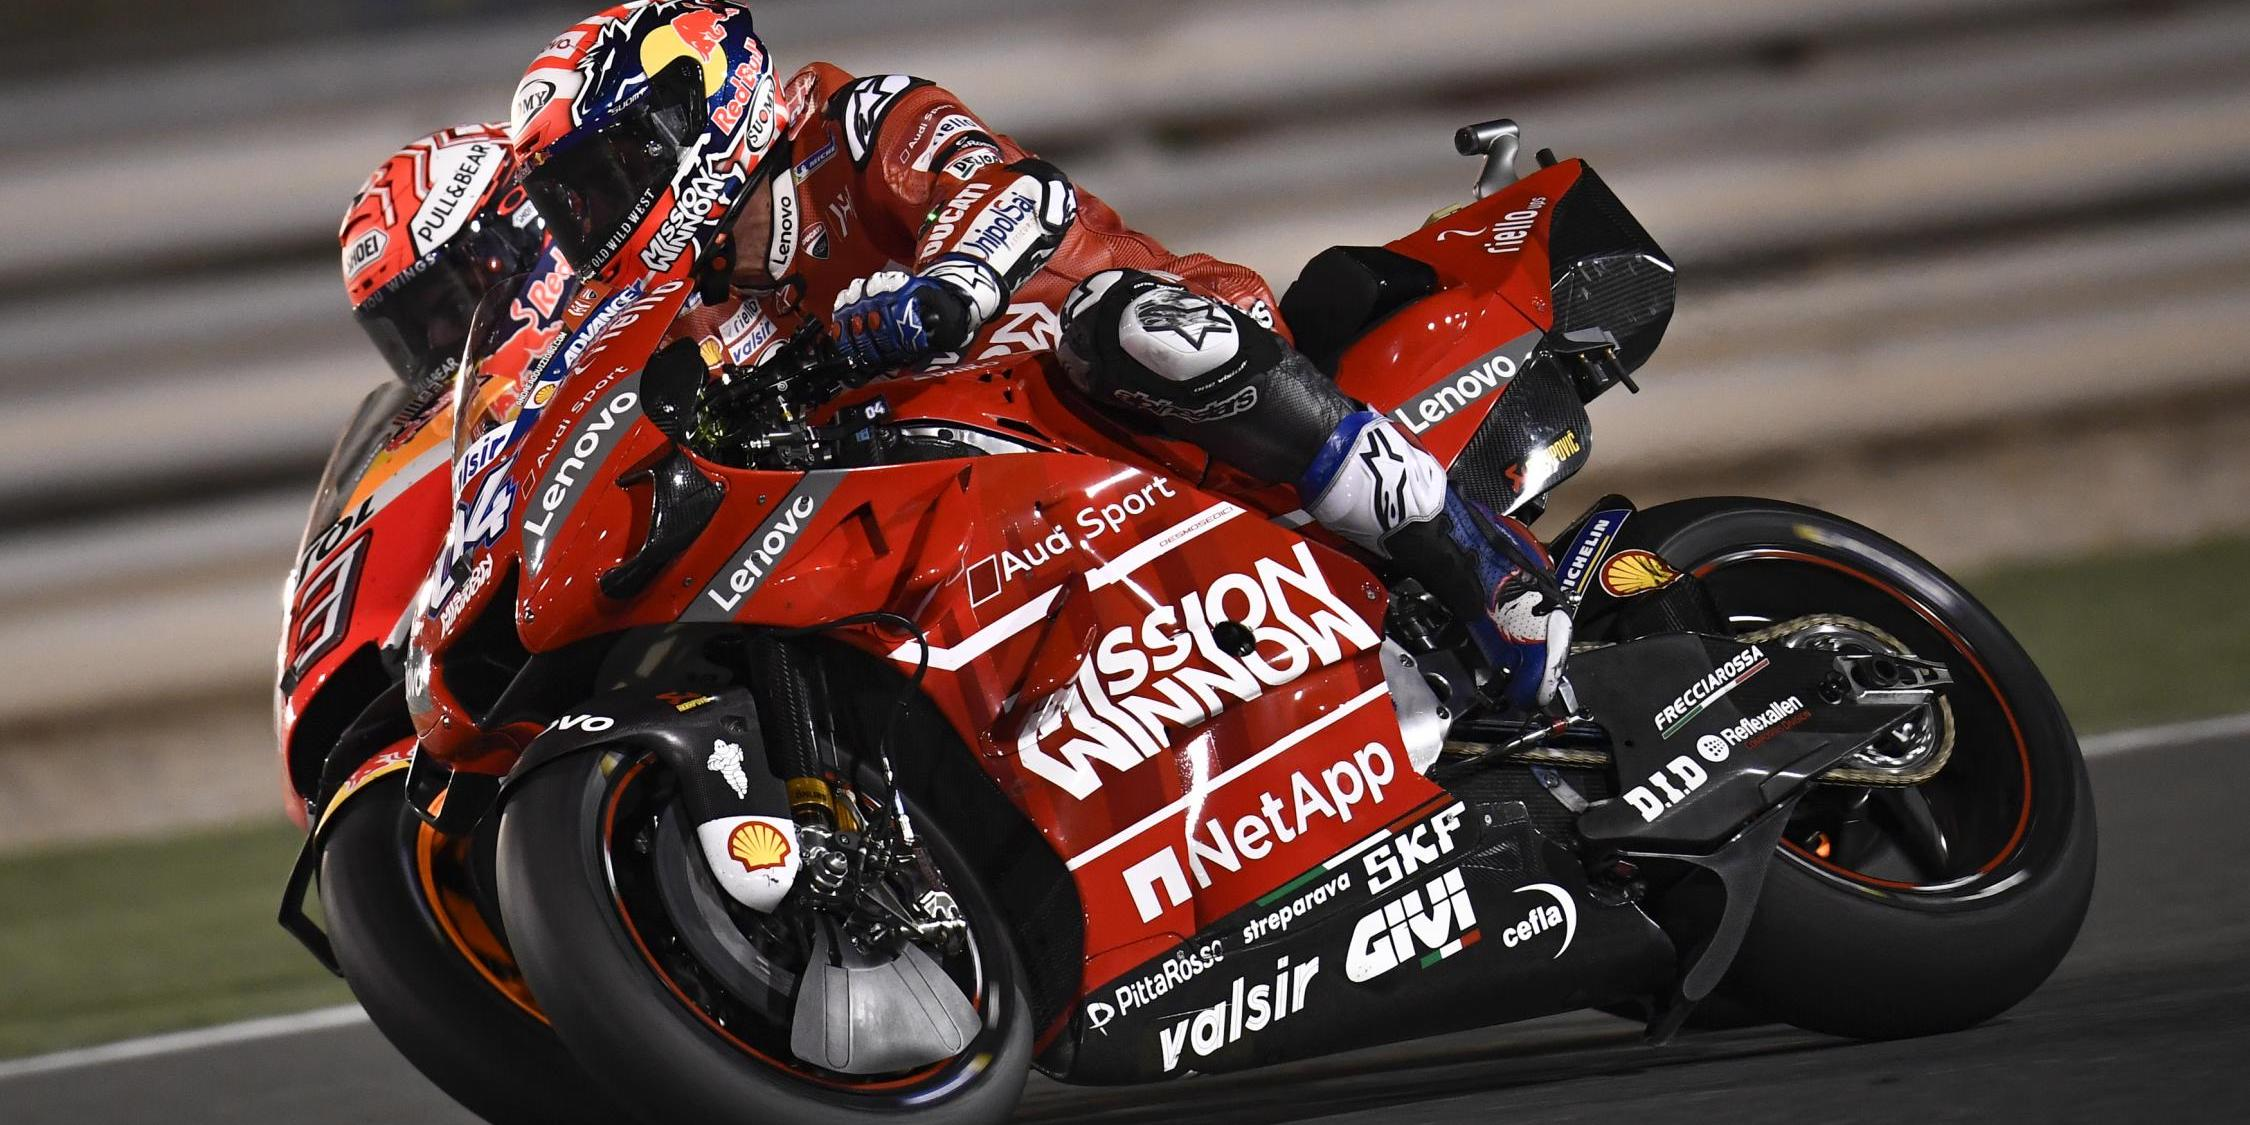 MotoGP2019 Rd.1カタールGPロサイルレース結果|DUCATI遅くなっていた!!